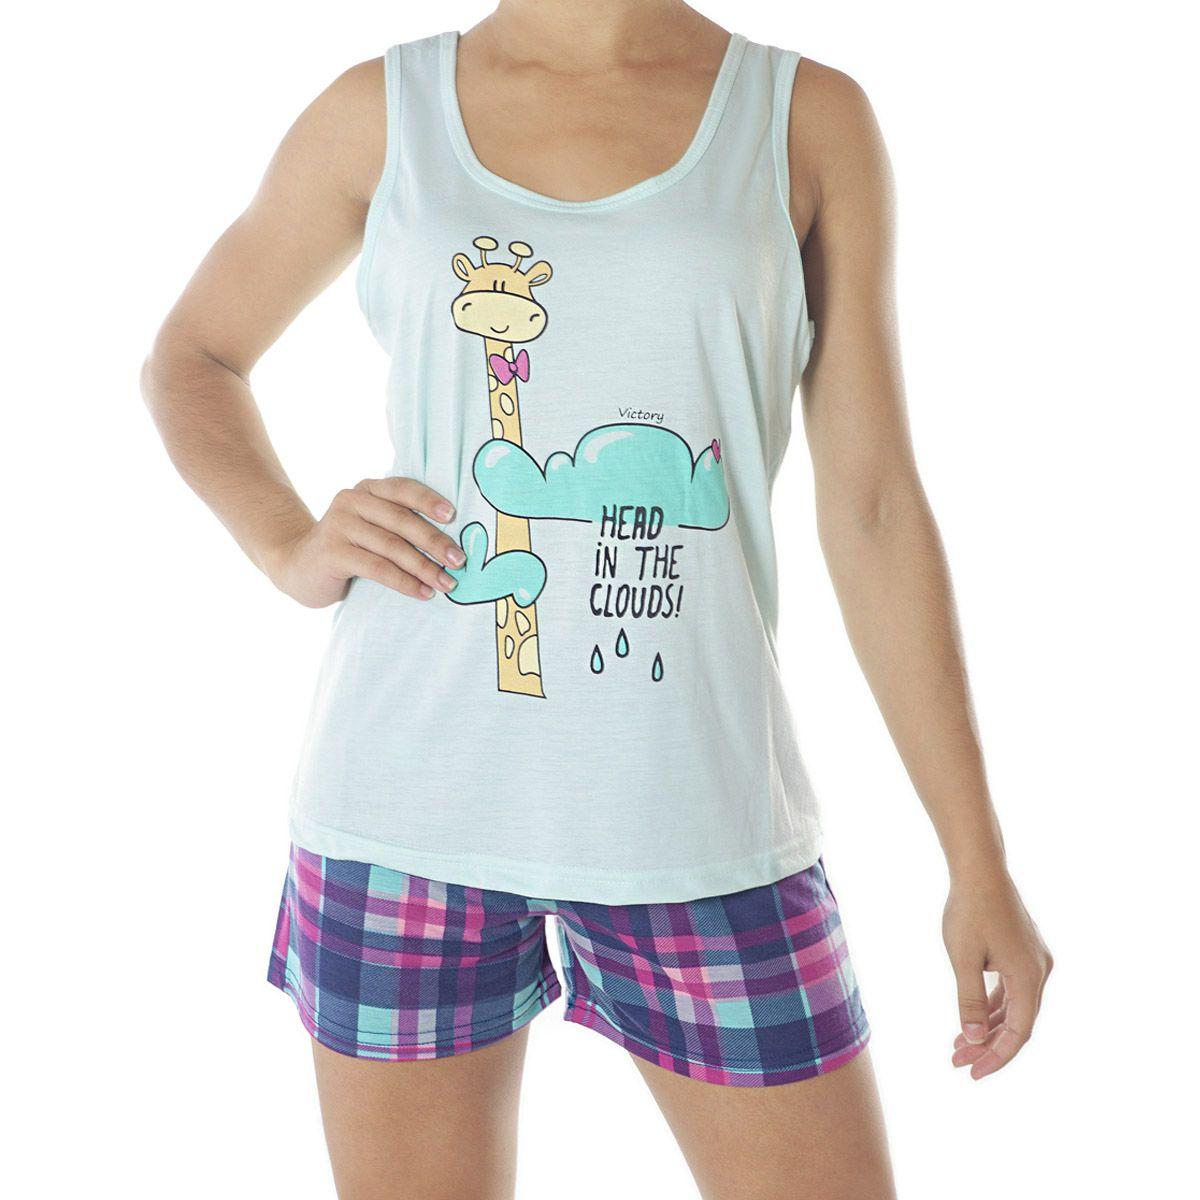 Pijama modelo BELLA short doll e regata feminino de verão da Victory